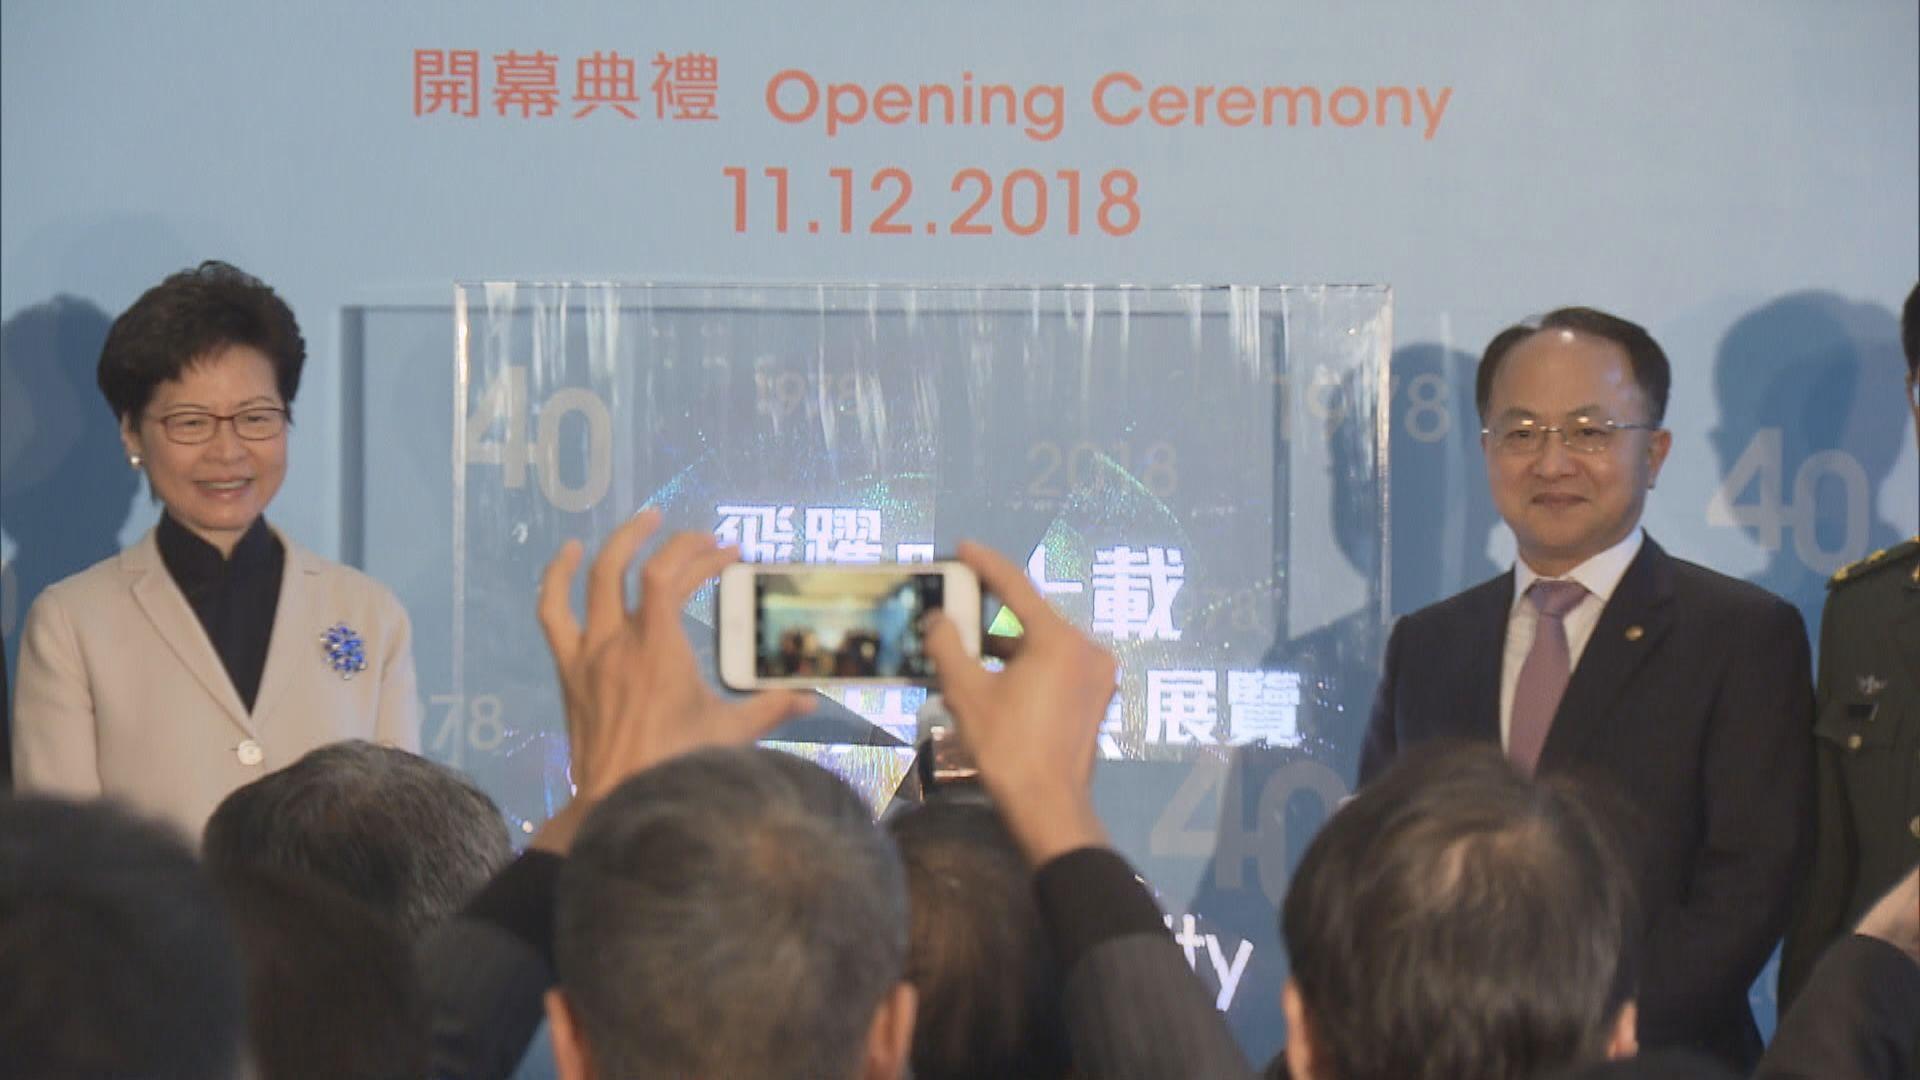 特區政府慶祝改革開放四十年展覽開幕